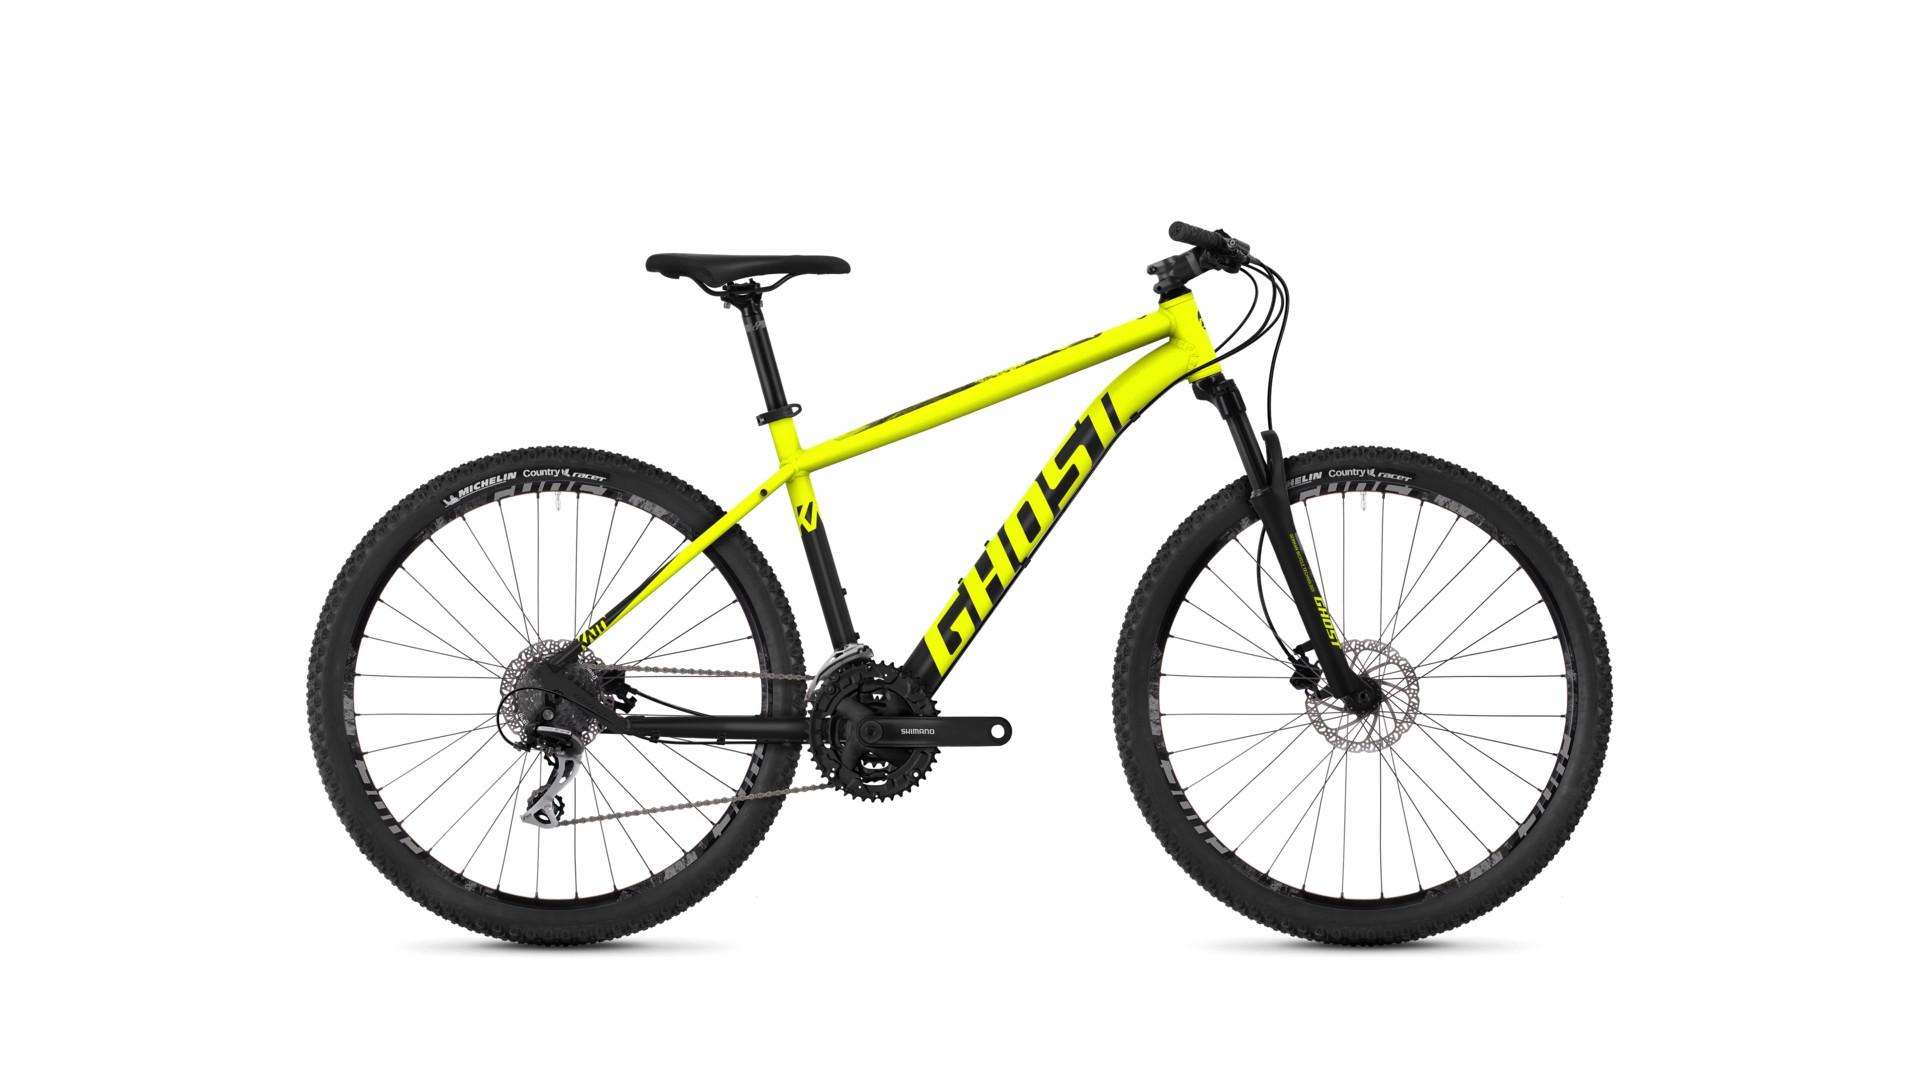 Велосипед GHOST Kato 2.9 AL U neonyellow/nightblack/urbangray год 2018